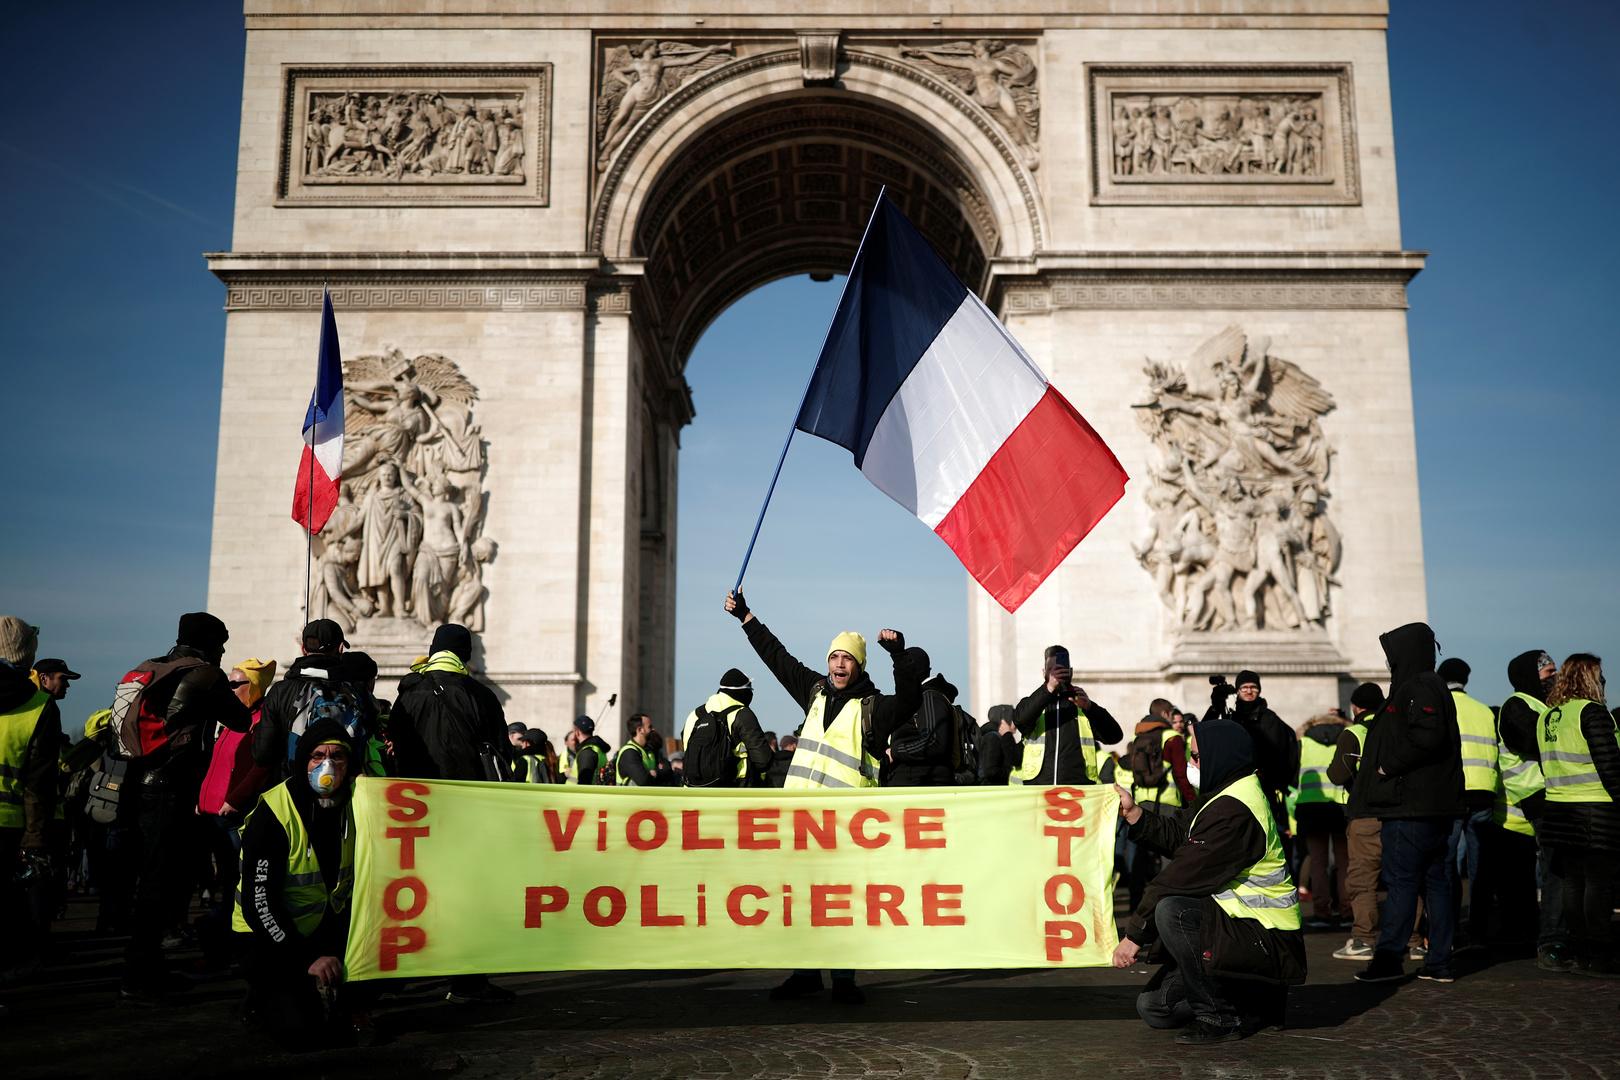 احتدادات 2019 ضد عنف الشرطة في باريس.